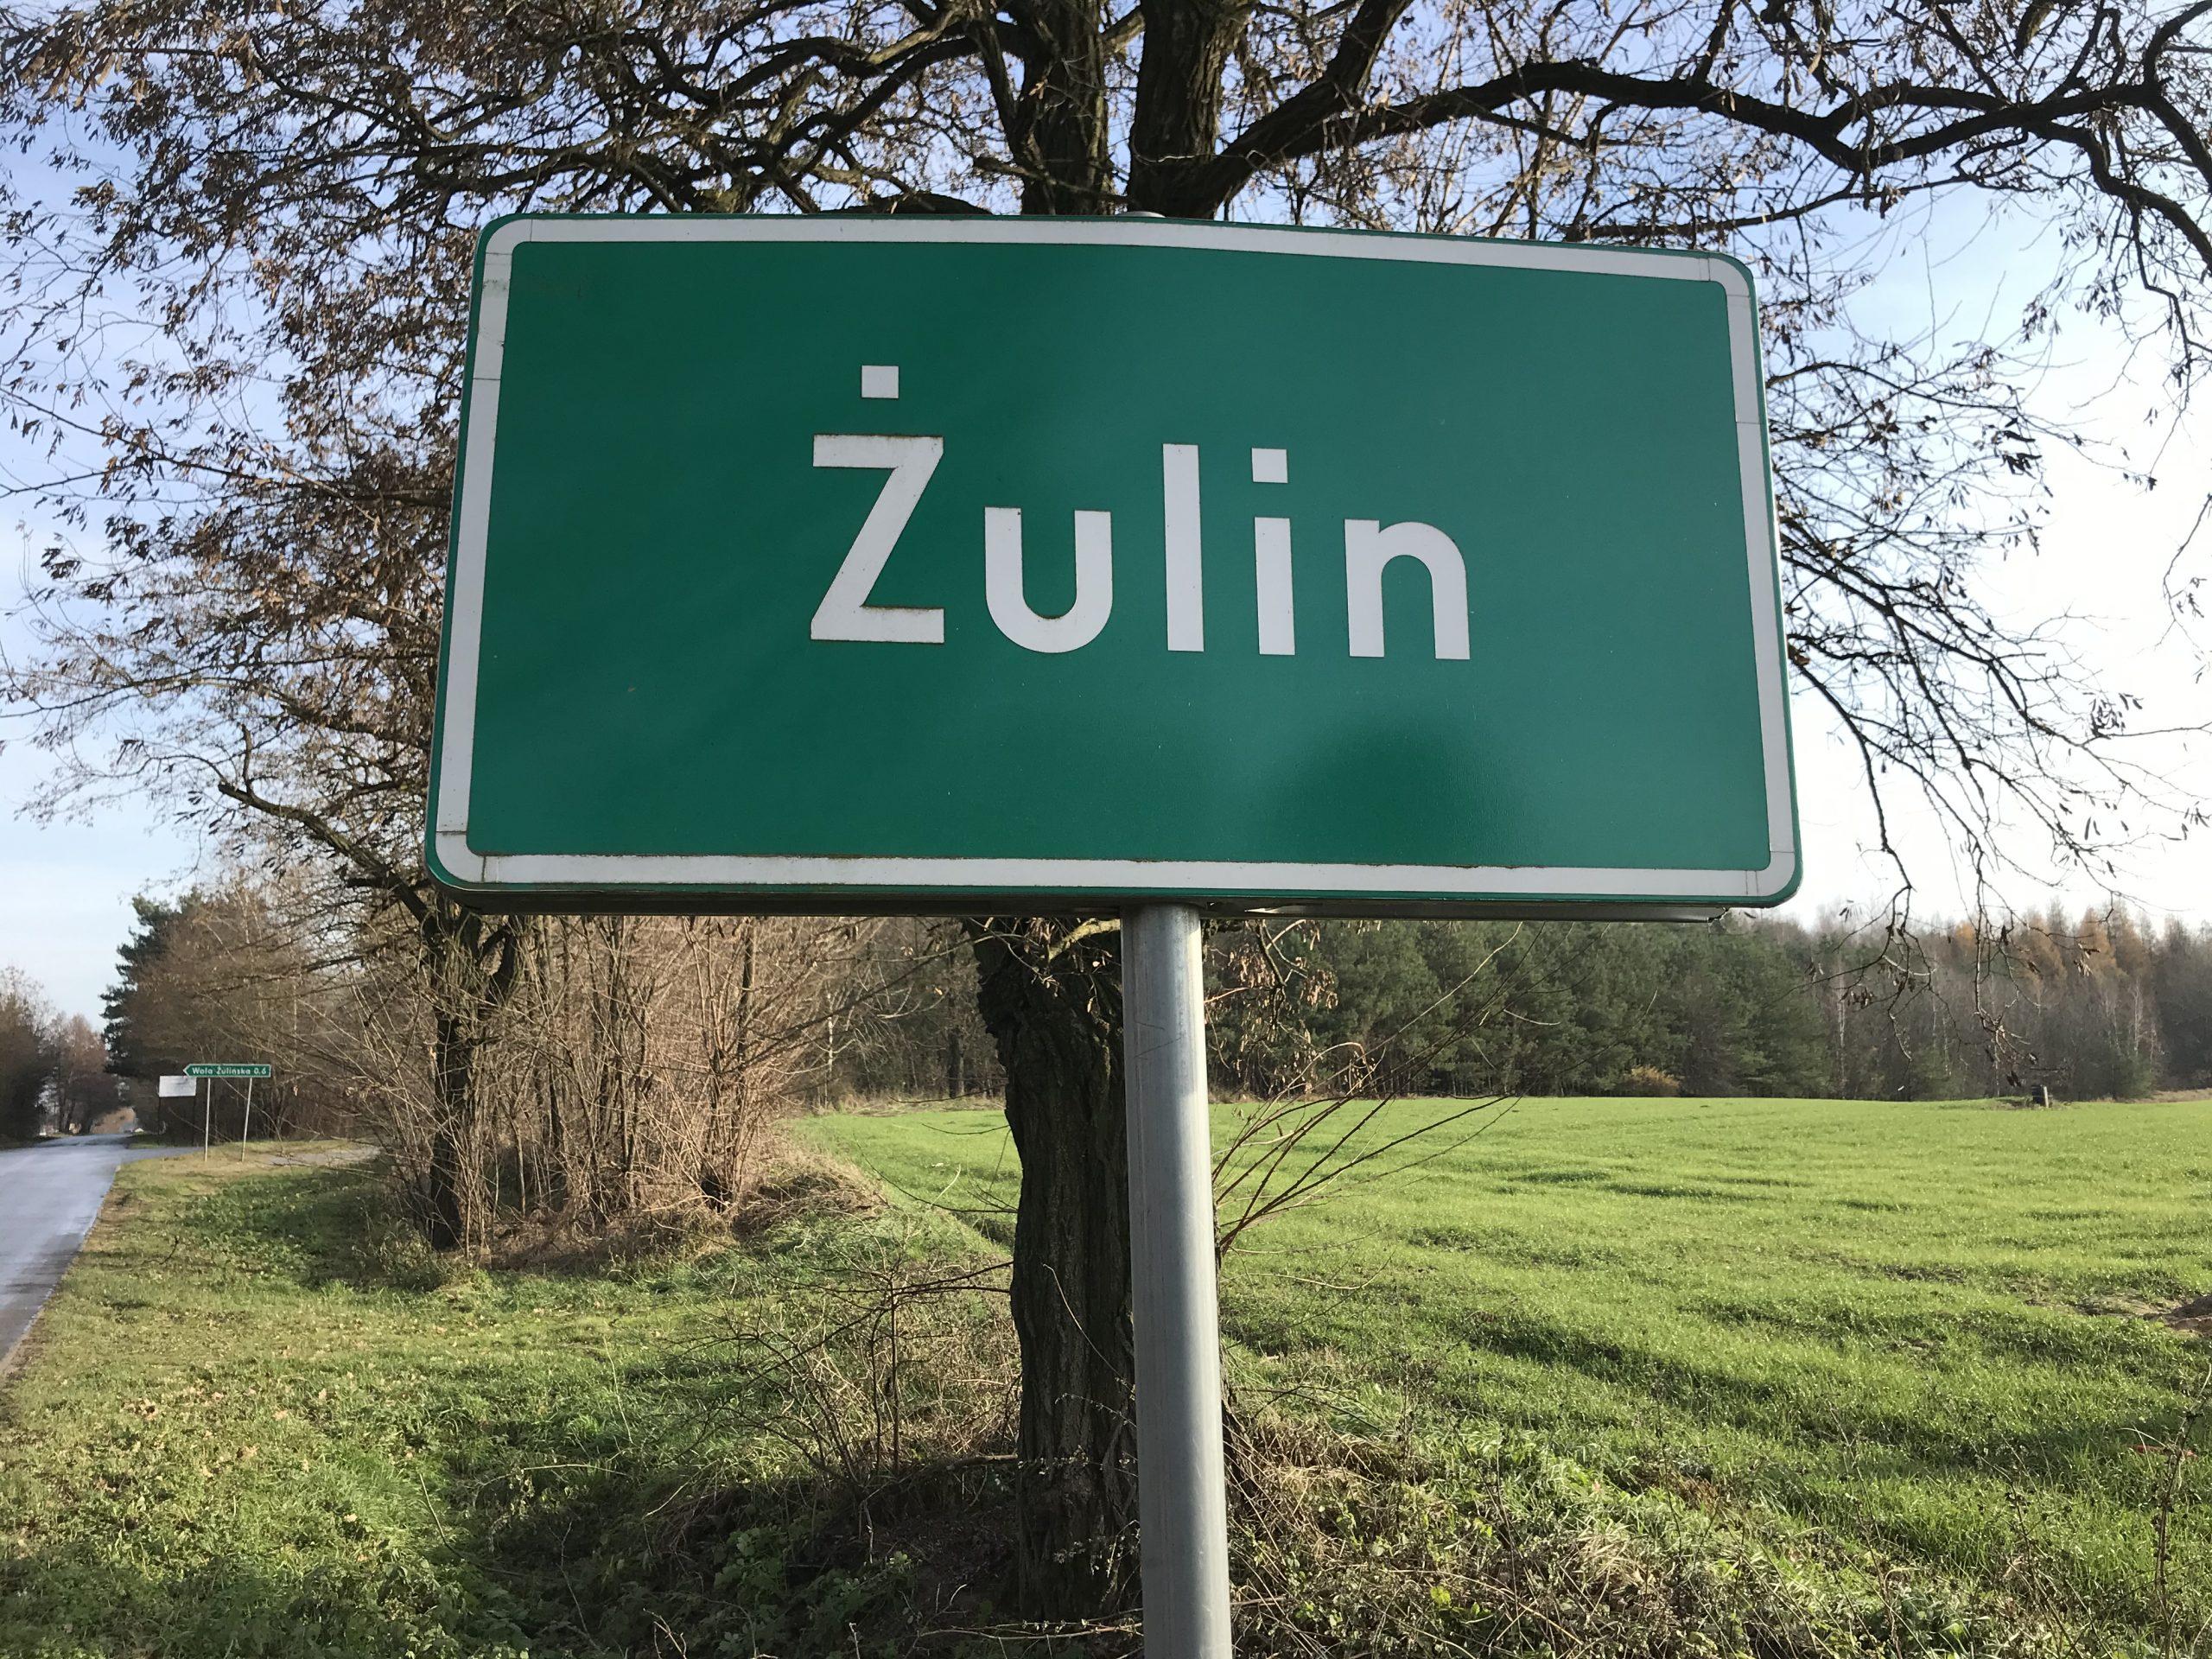 W drodze #1 - Motocyklem bezGPSa - Żulin